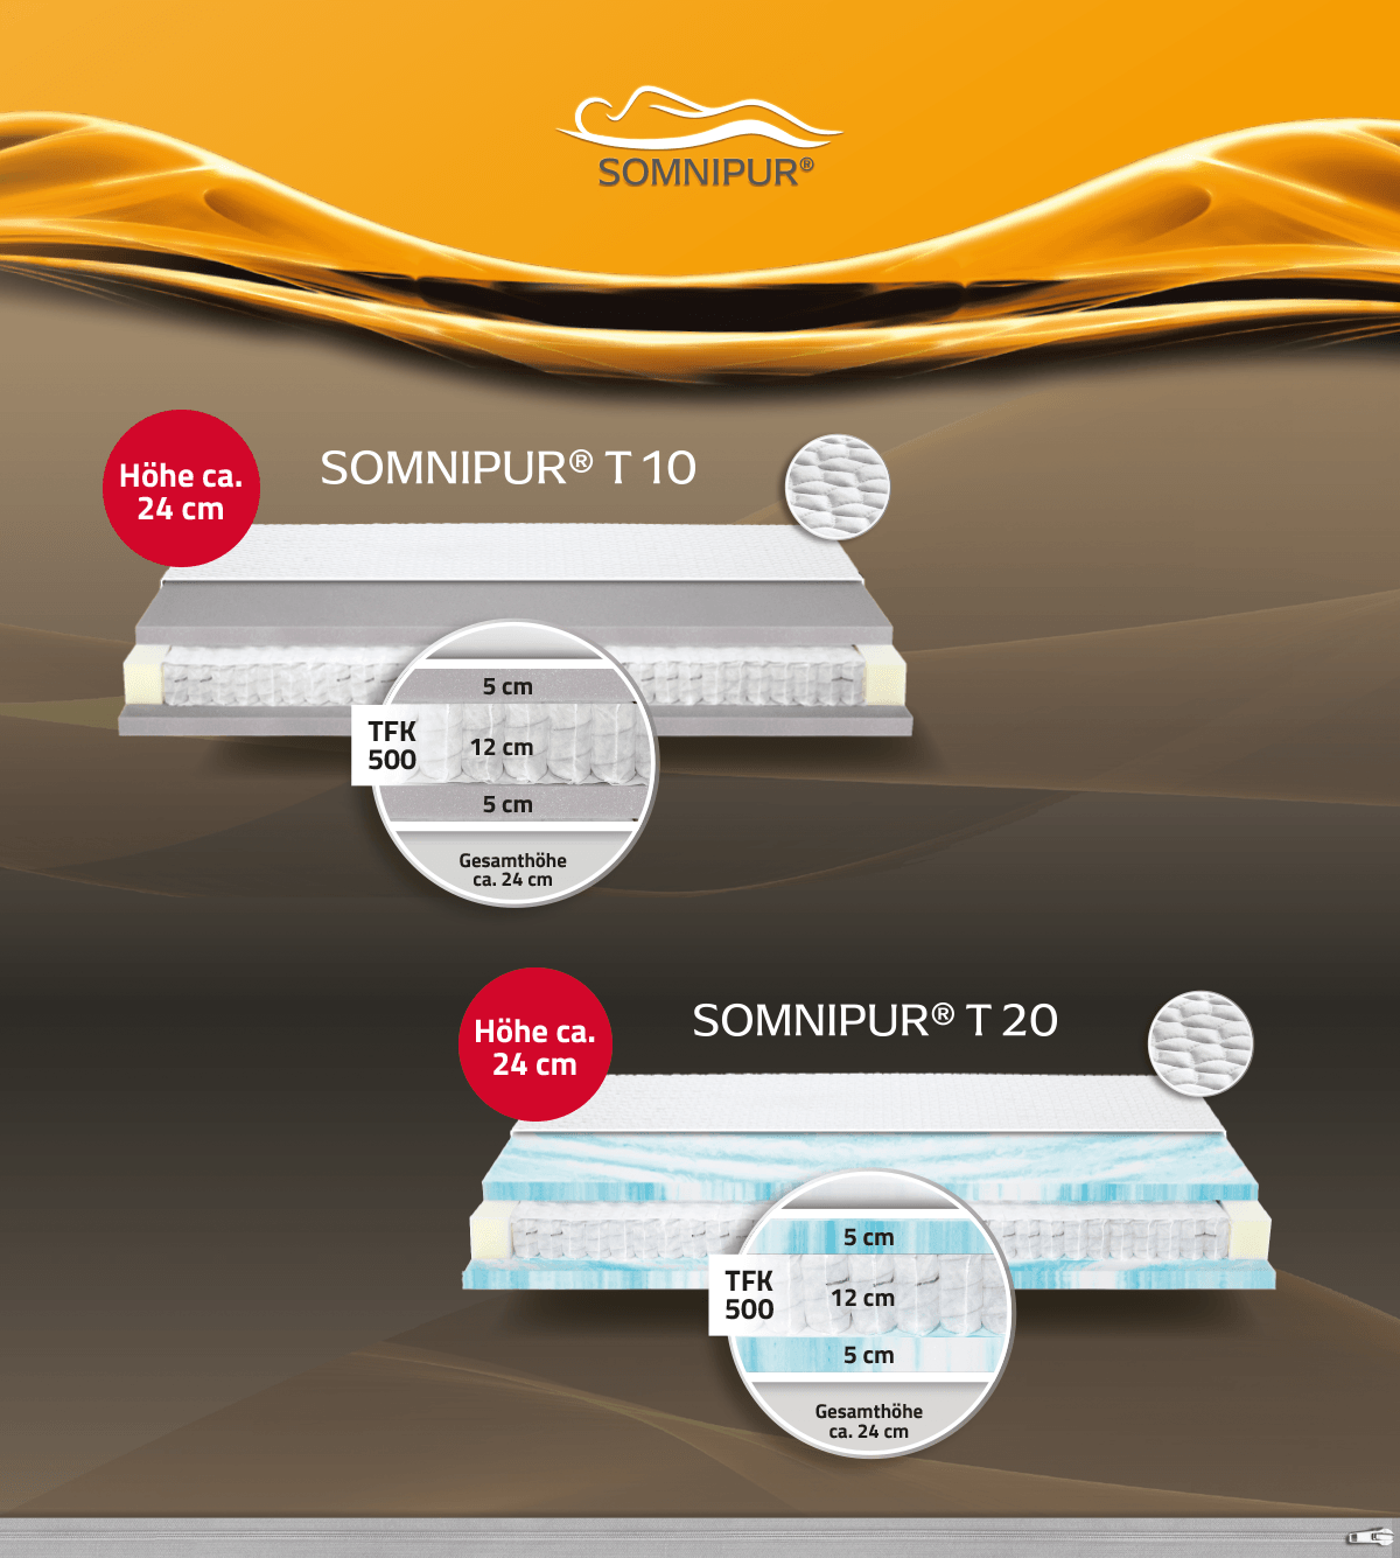 Somnipur T10 und T20